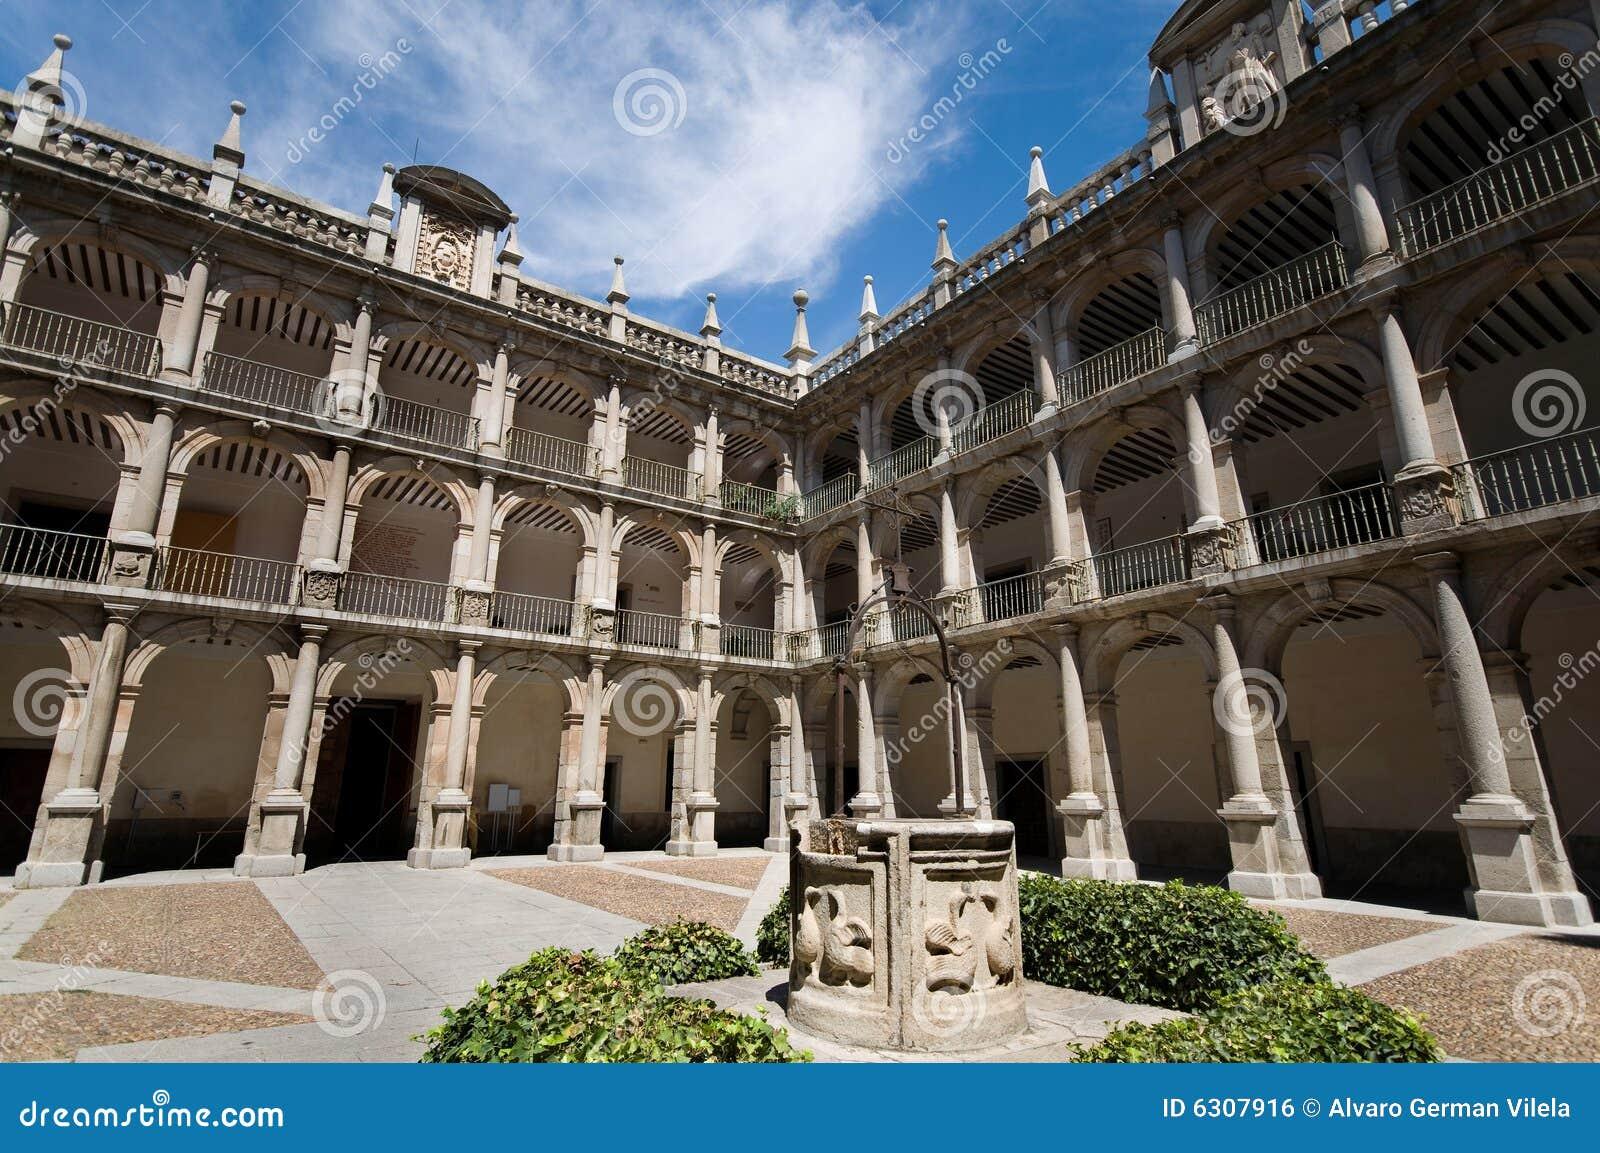 Alcala de henares university madrid spain royalty free - Casas regionales alcala de henares ...